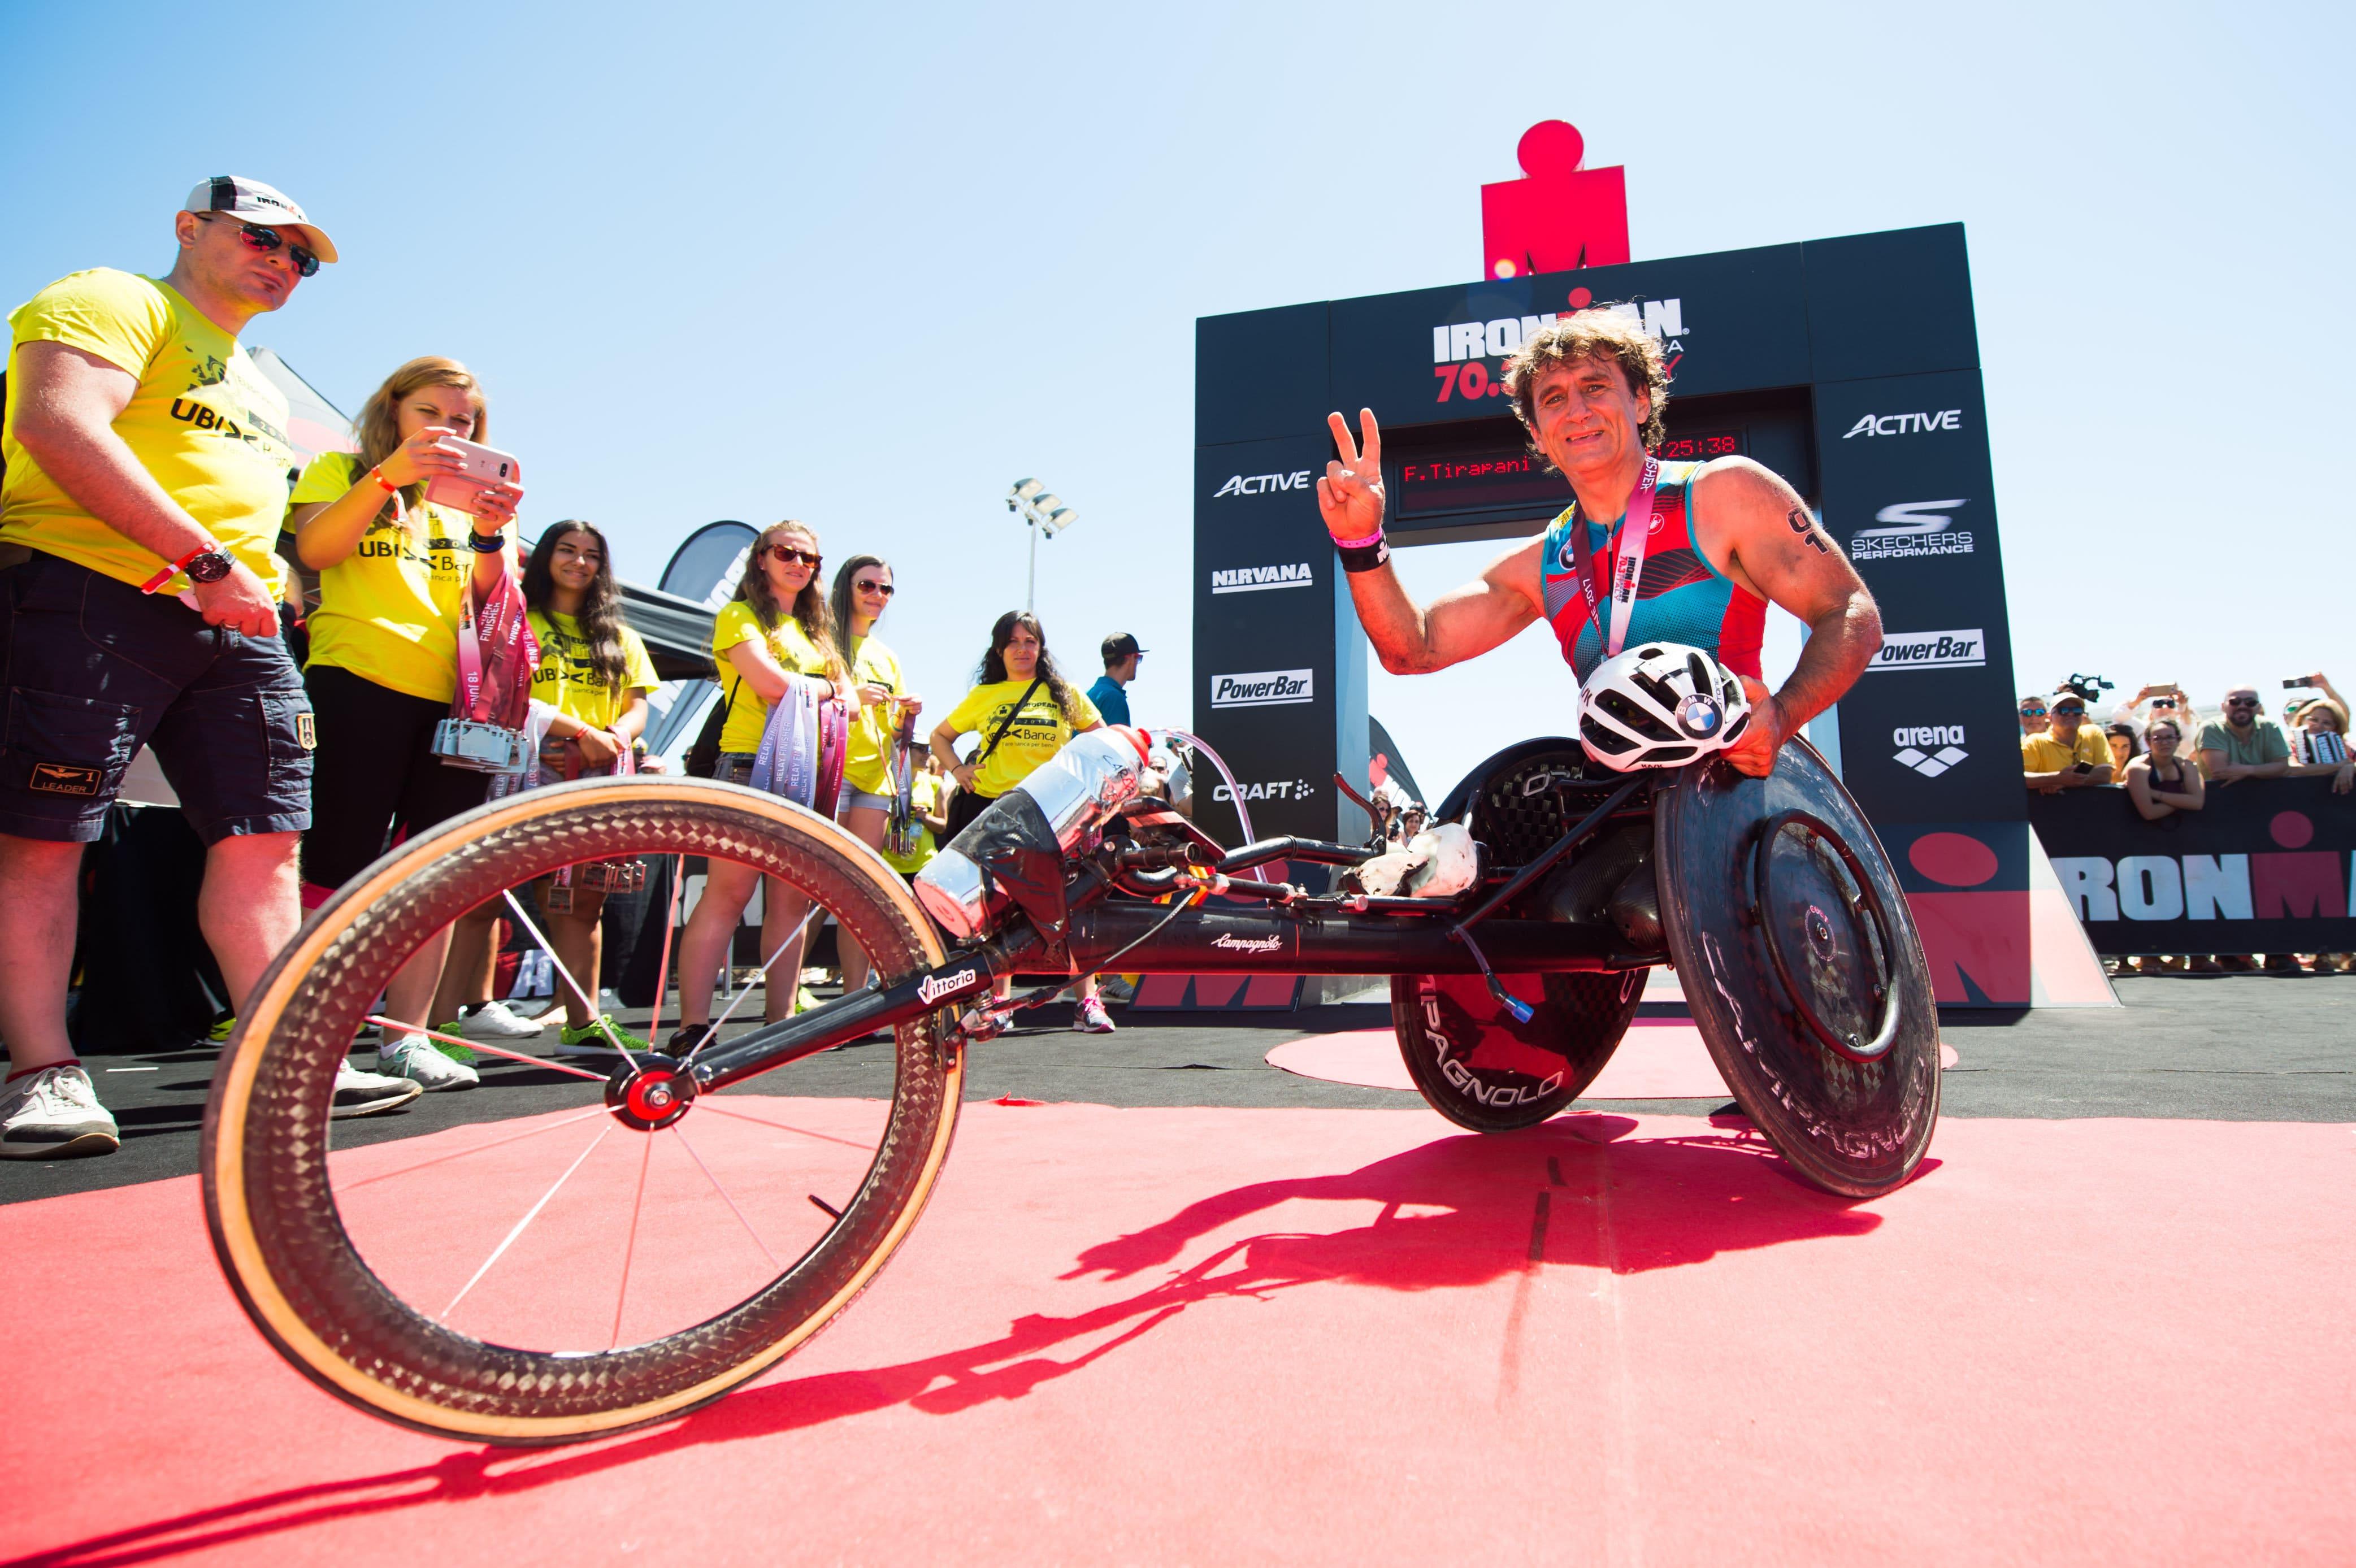 Alex Zanardi strepitoso! 8:58:59 all'Ironman Barcelona!